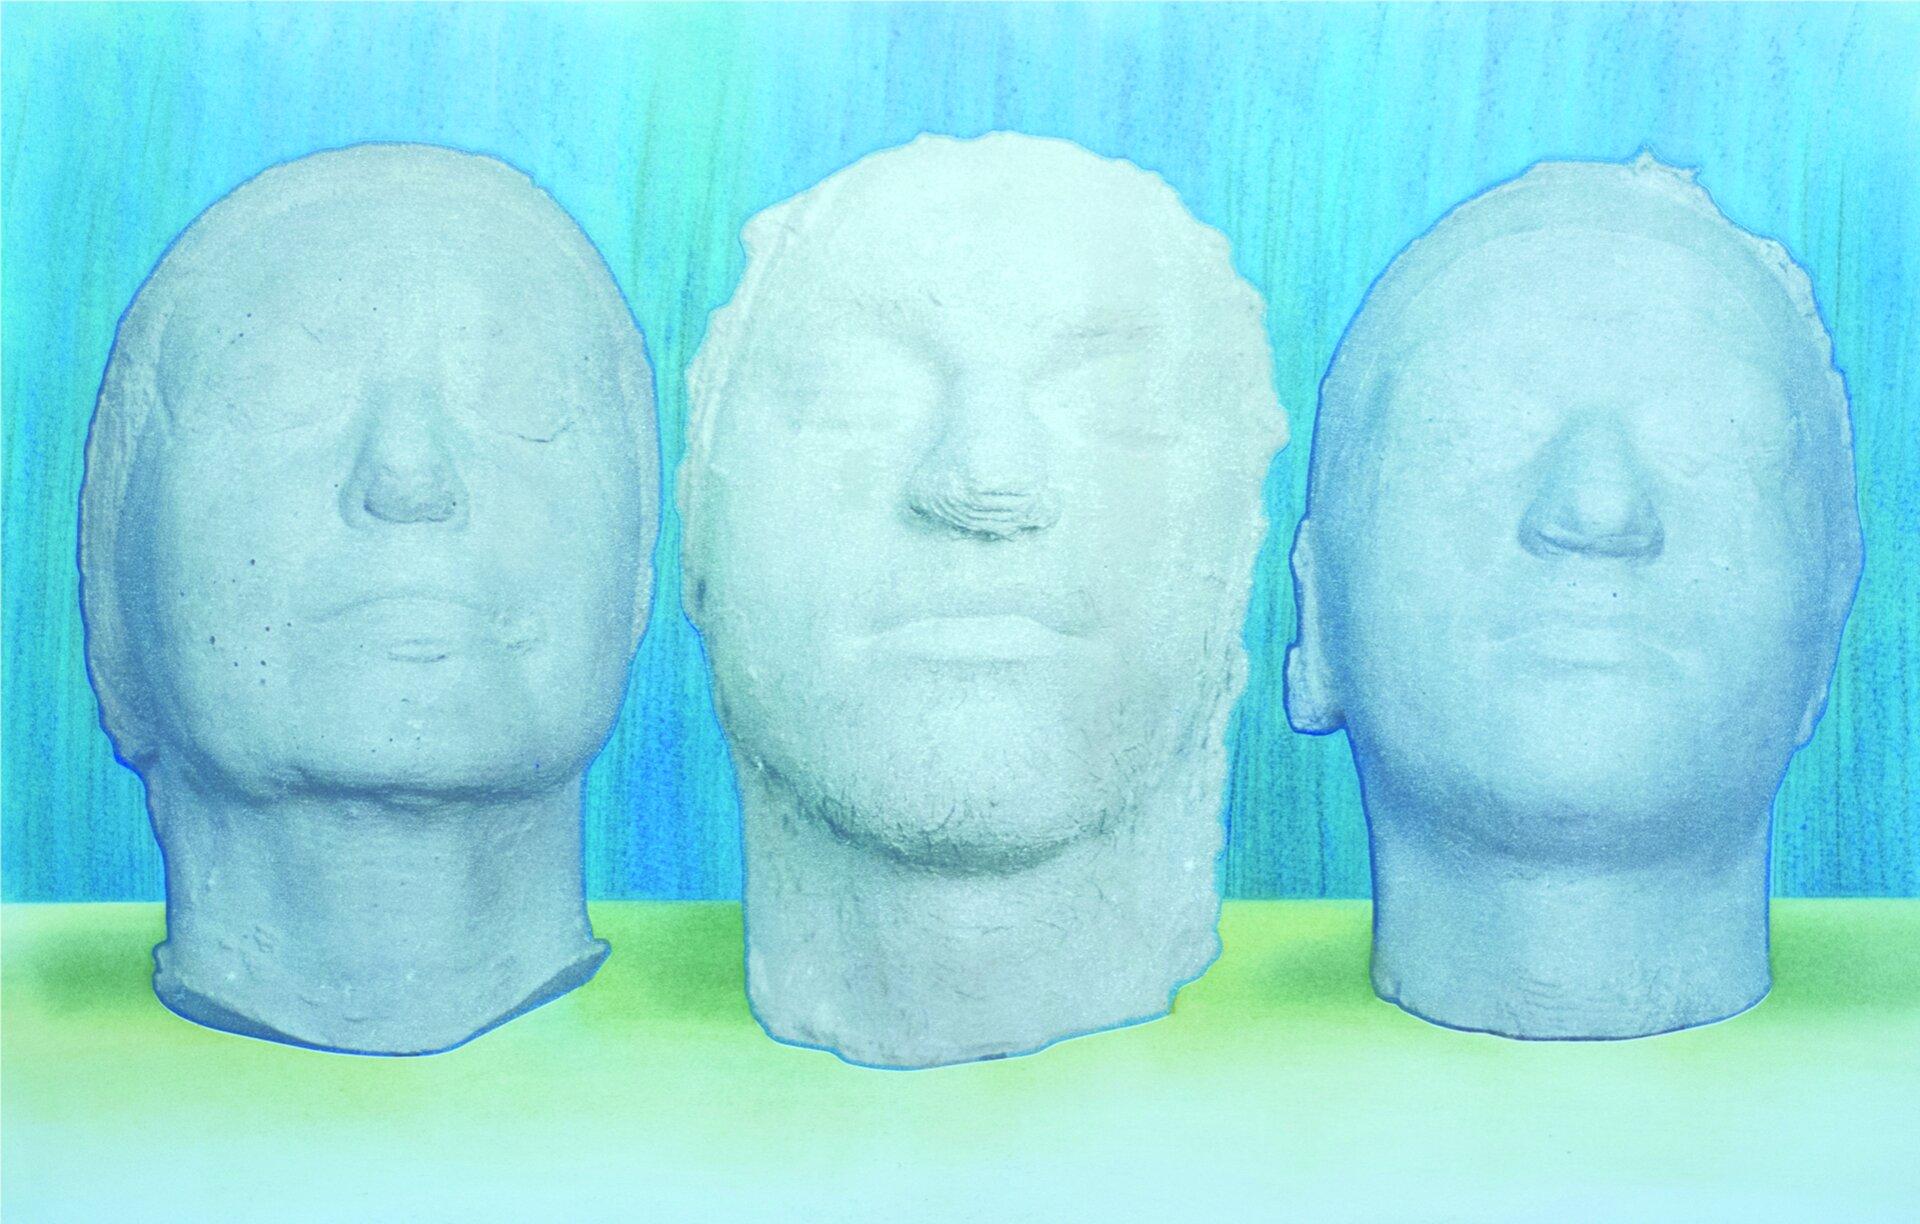 """Ilustracja przedstawia obraz """"Notatnik portretowy – obok siebie 7"""" autorstwa Witolda Pochylskiego. Wcentrum kompozycji ukazane zostały trzy rzeźby (być może odlewy) głów ozamkniętych oczach. Głowy ustawione są na jaskrawo-zielonej płaszczyźnie. Tło stanowi błękitna ściana pokryta pionowymi, niebieskimi kreskami rysunku. Praca utrzymana jest wwąskiej, chłodnej gamie błękitów igranatów zakcentem jaskrawej zieleni wdolnej partii obrazu."""